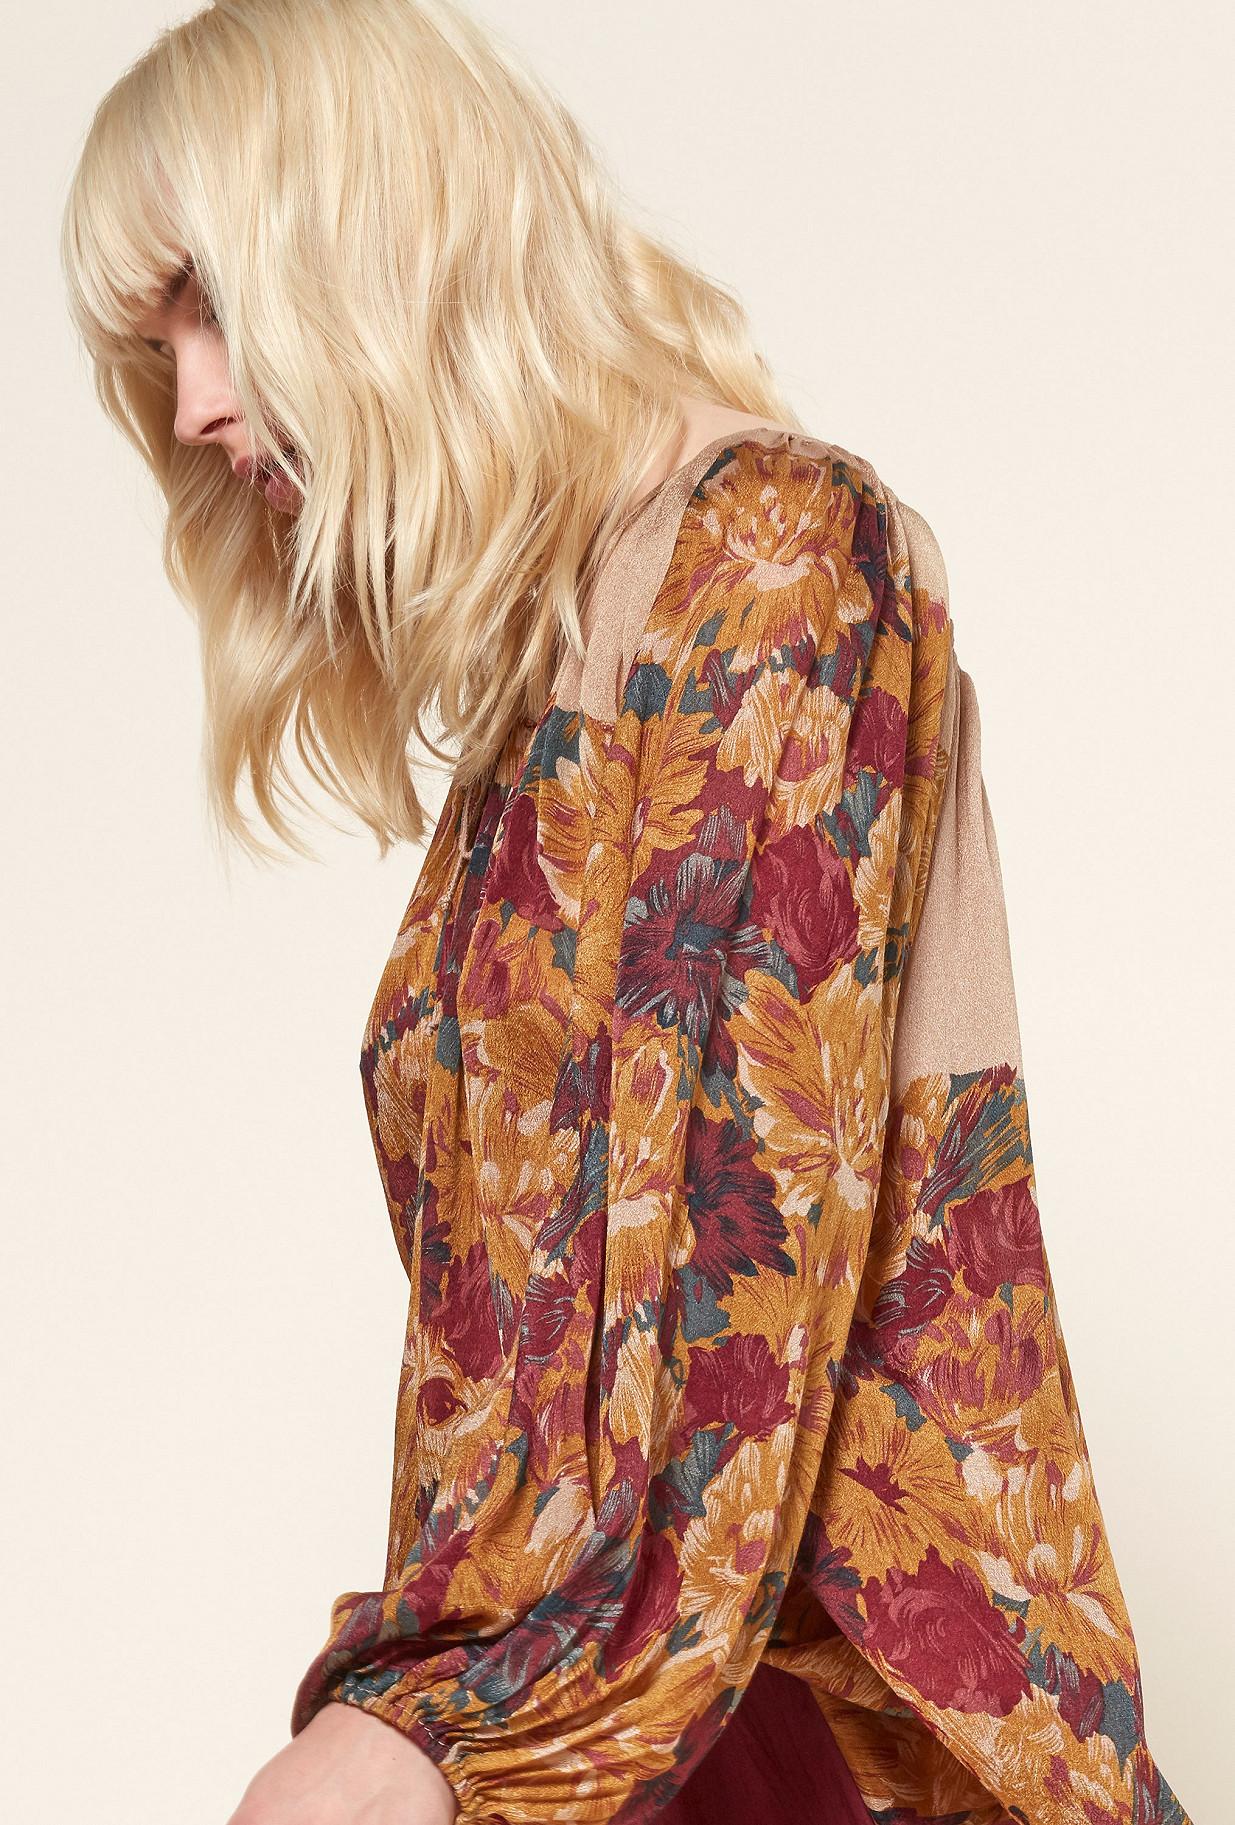 Paris boutique de mode vêtement Blouse créateur bohème  Orel